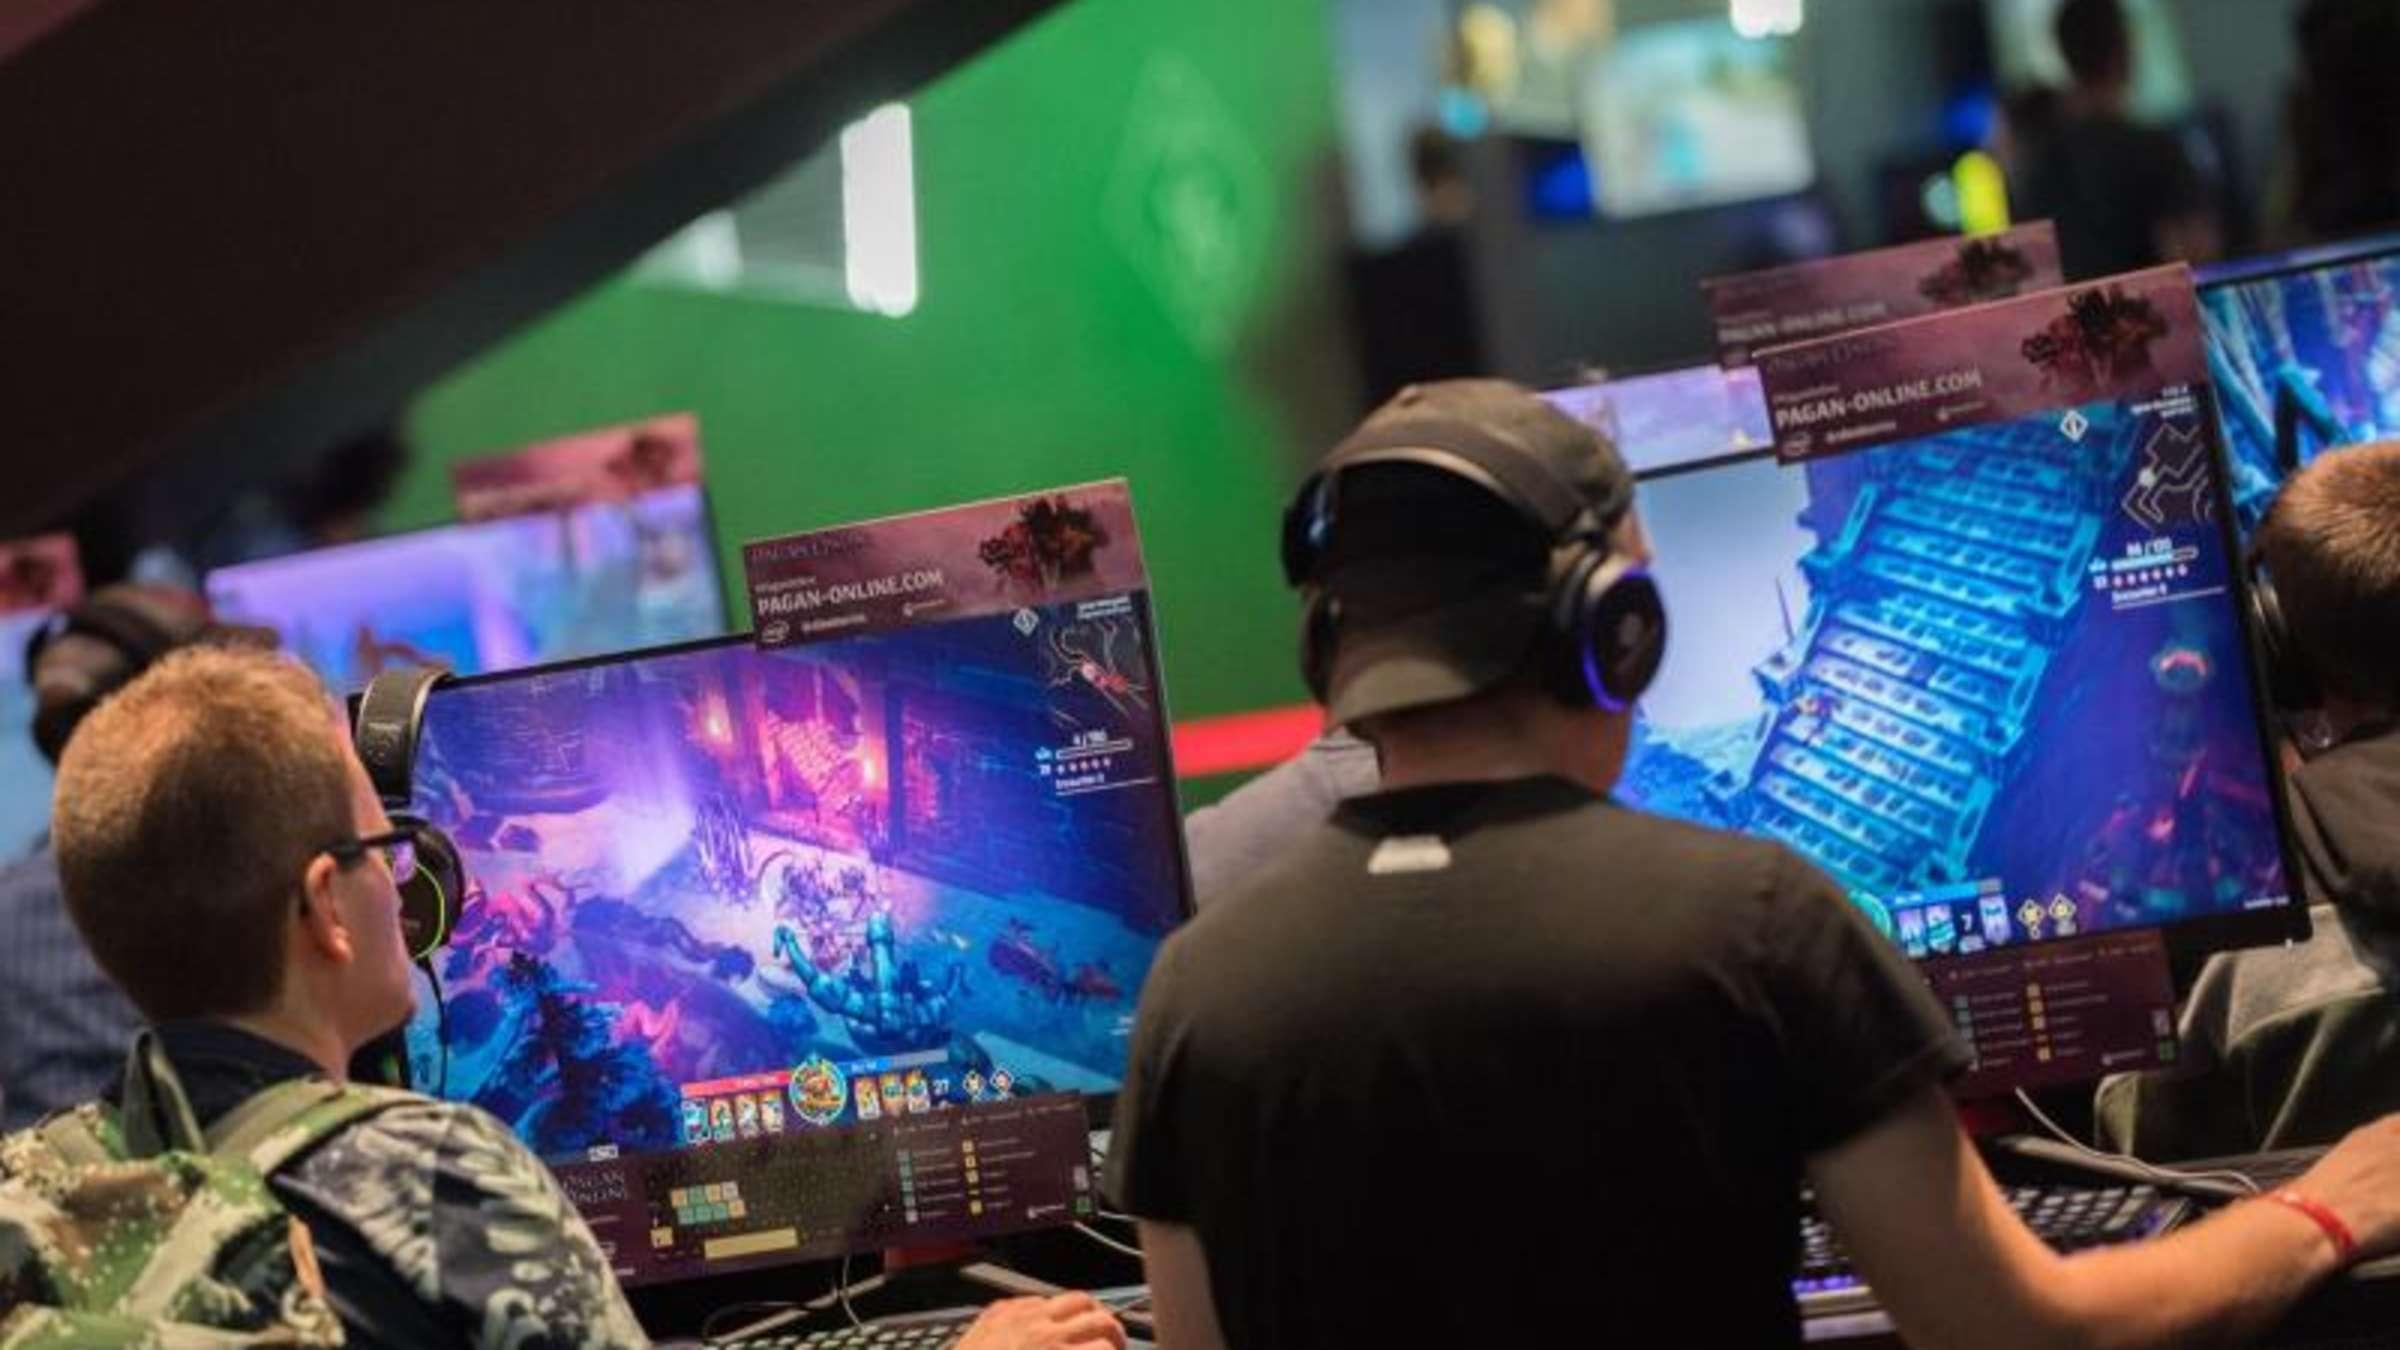 Partnervermittlung umgebung in gaming, Sextreff de in